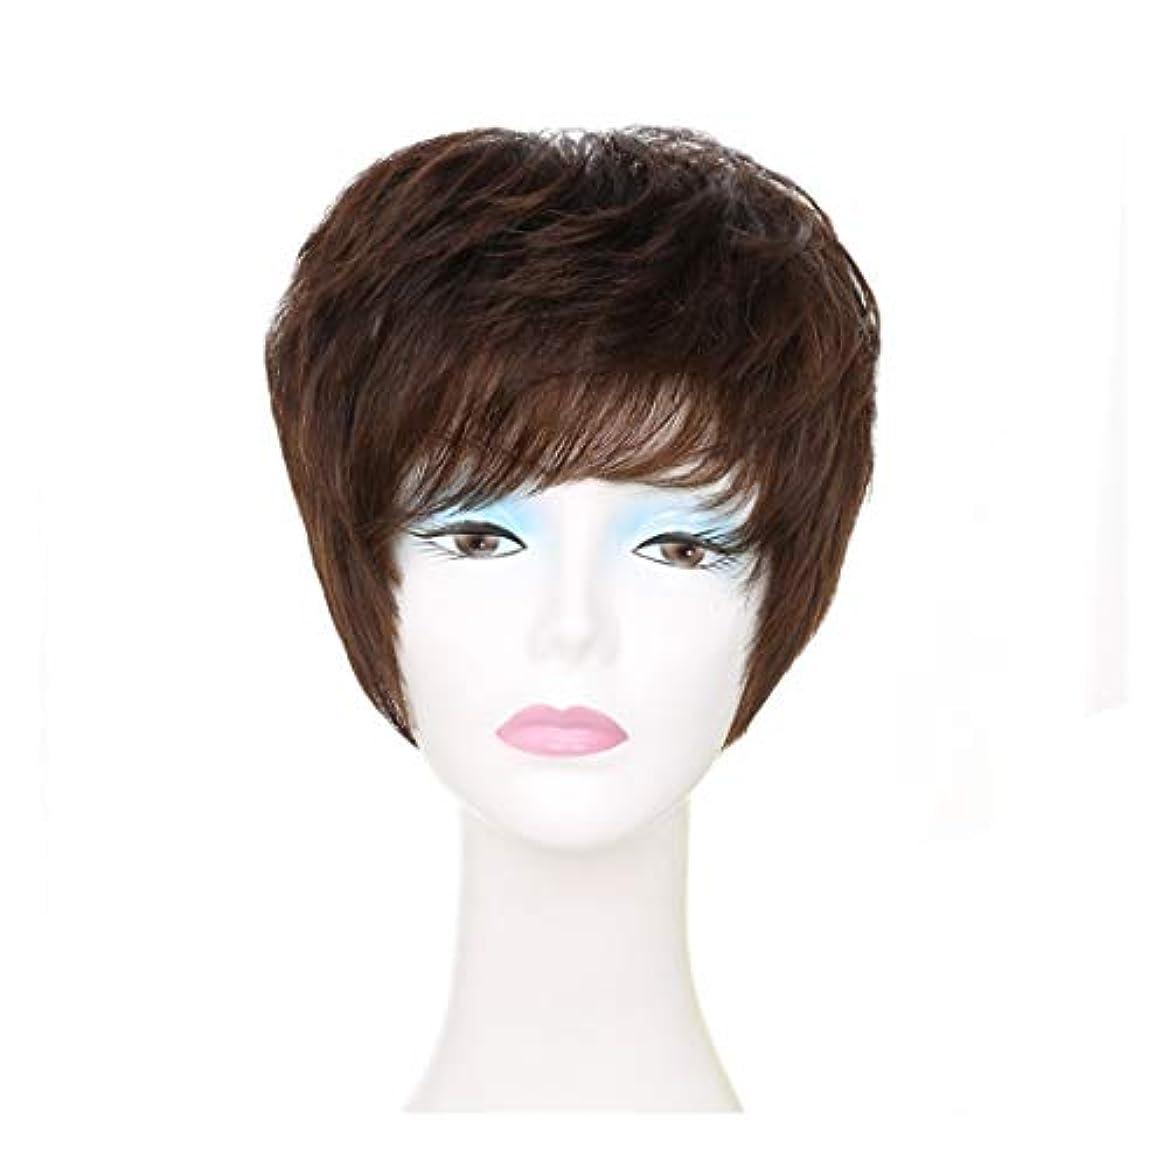 敵対的誠実さ飢えYOUQIU 女子ショートカーリーヘアウィッグフル?ハンド織100%実毛ワイルドウィッグウィッグ (色 : ブラウン)